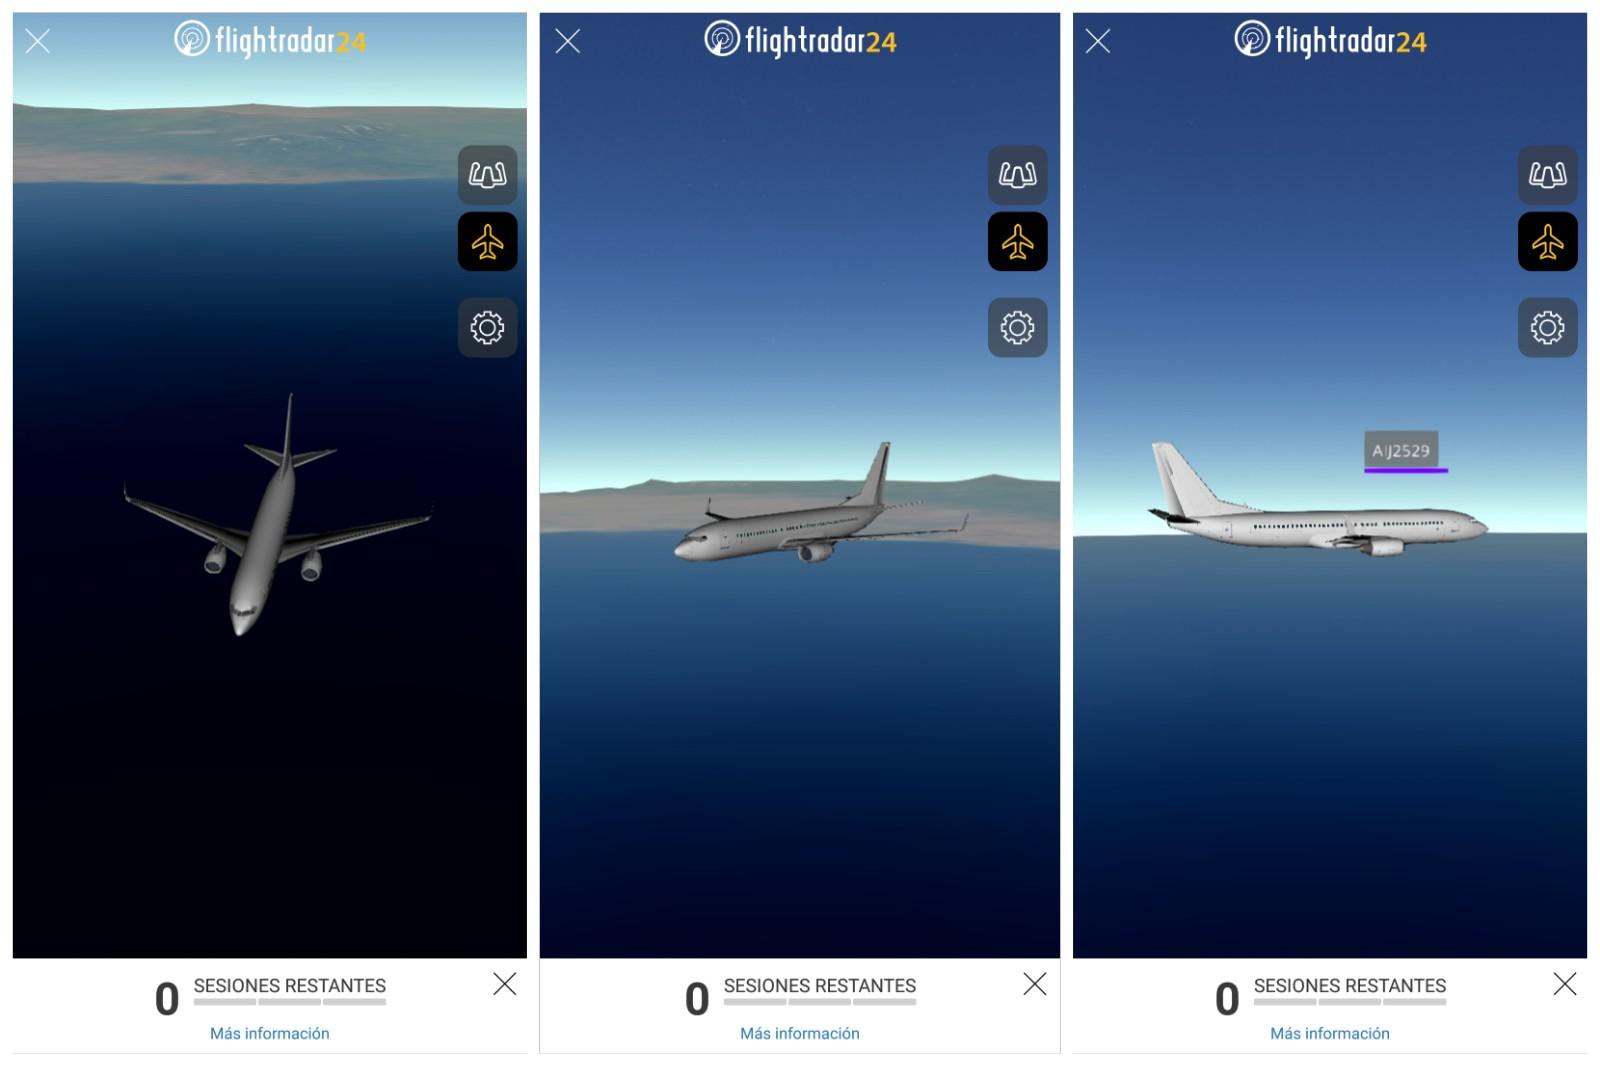 aplicacion para rastrear vuelos en tiempo real